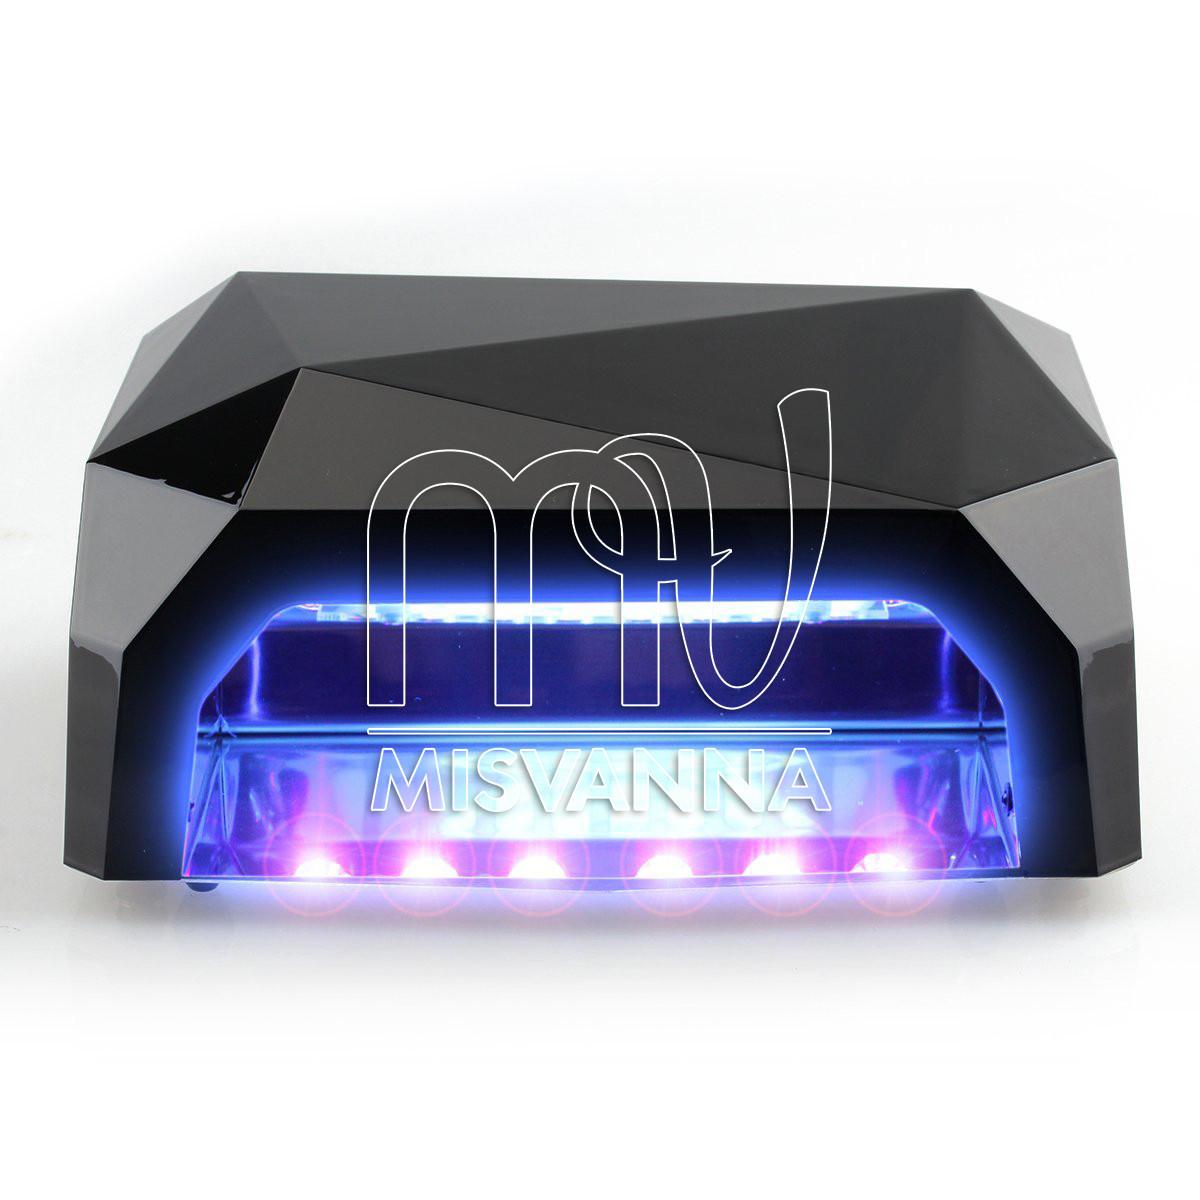 УФ лампа POWERFUL UV+LED DIMOND на 36 Вт с сенсором и таймером 10,30,60 сек. и магнитным дном (black)